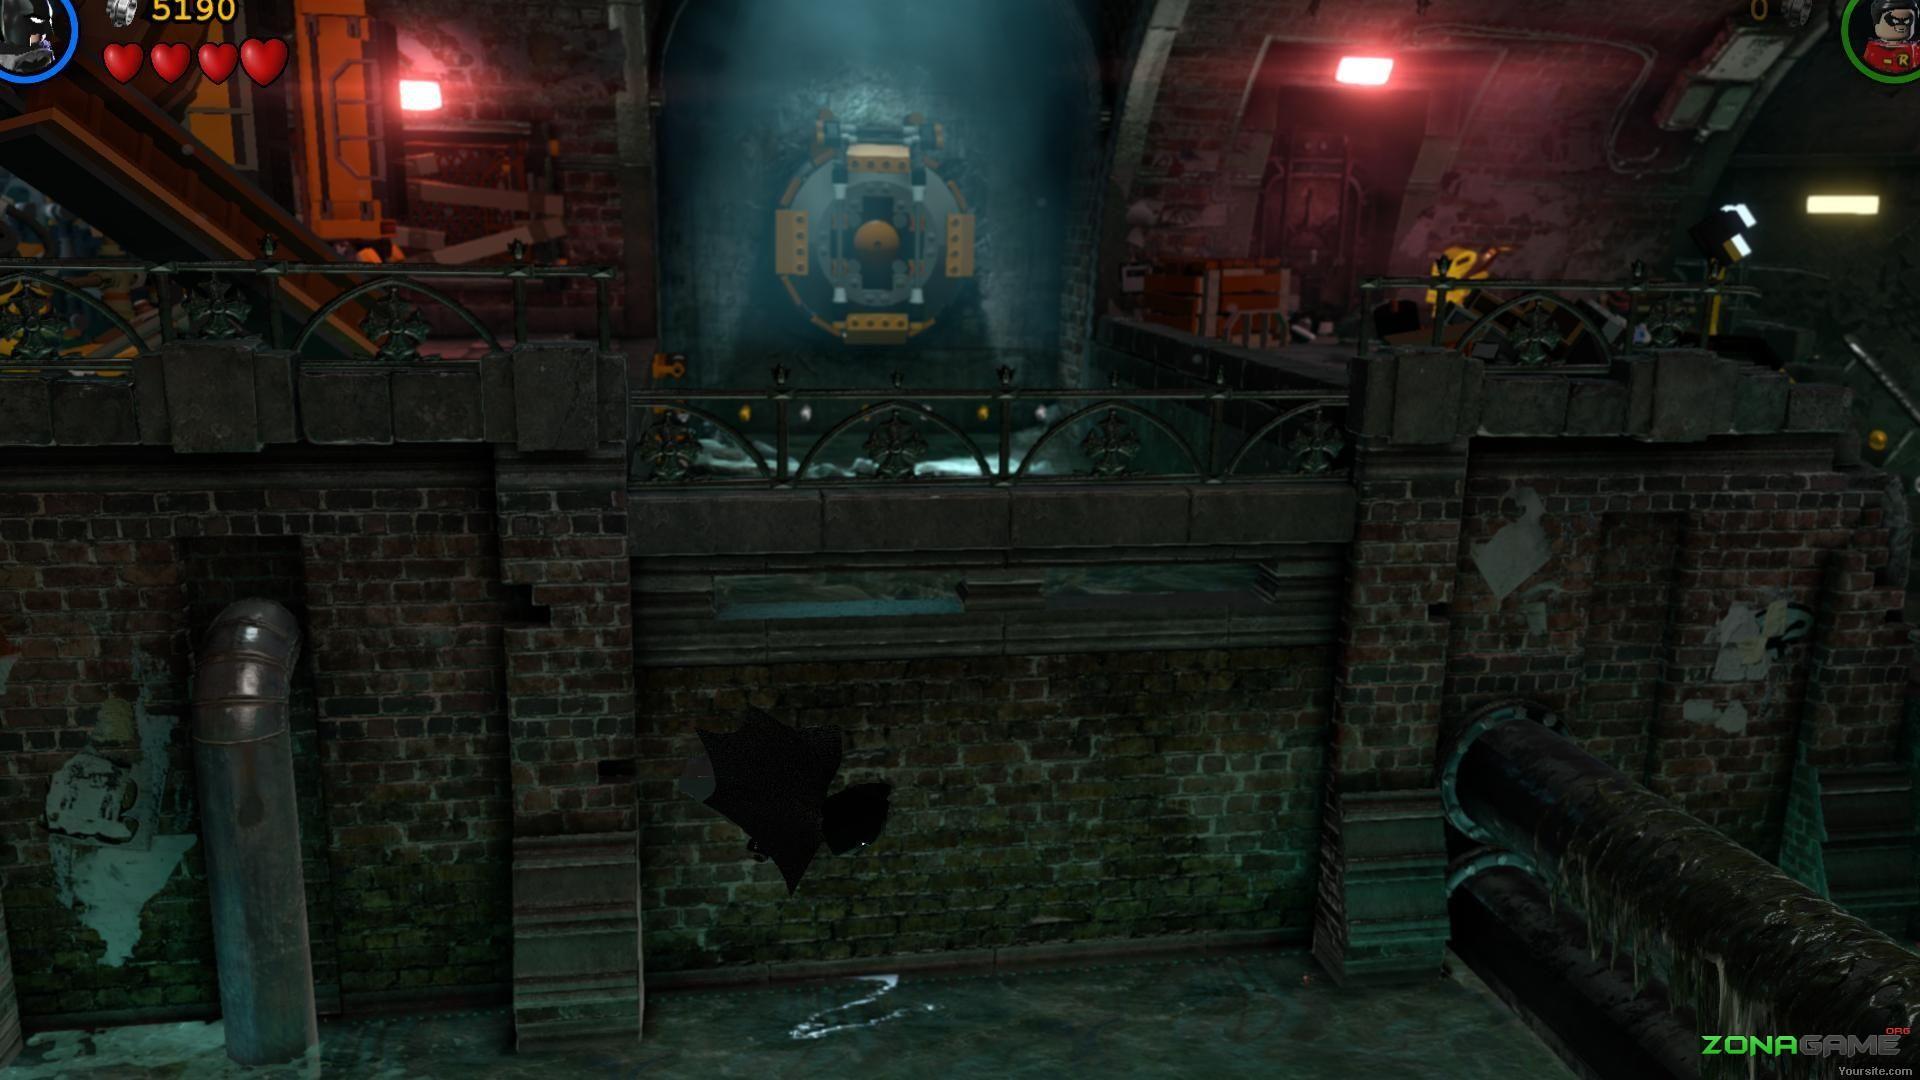 скачать игры через торрент на компьютер лего бэтмен 3